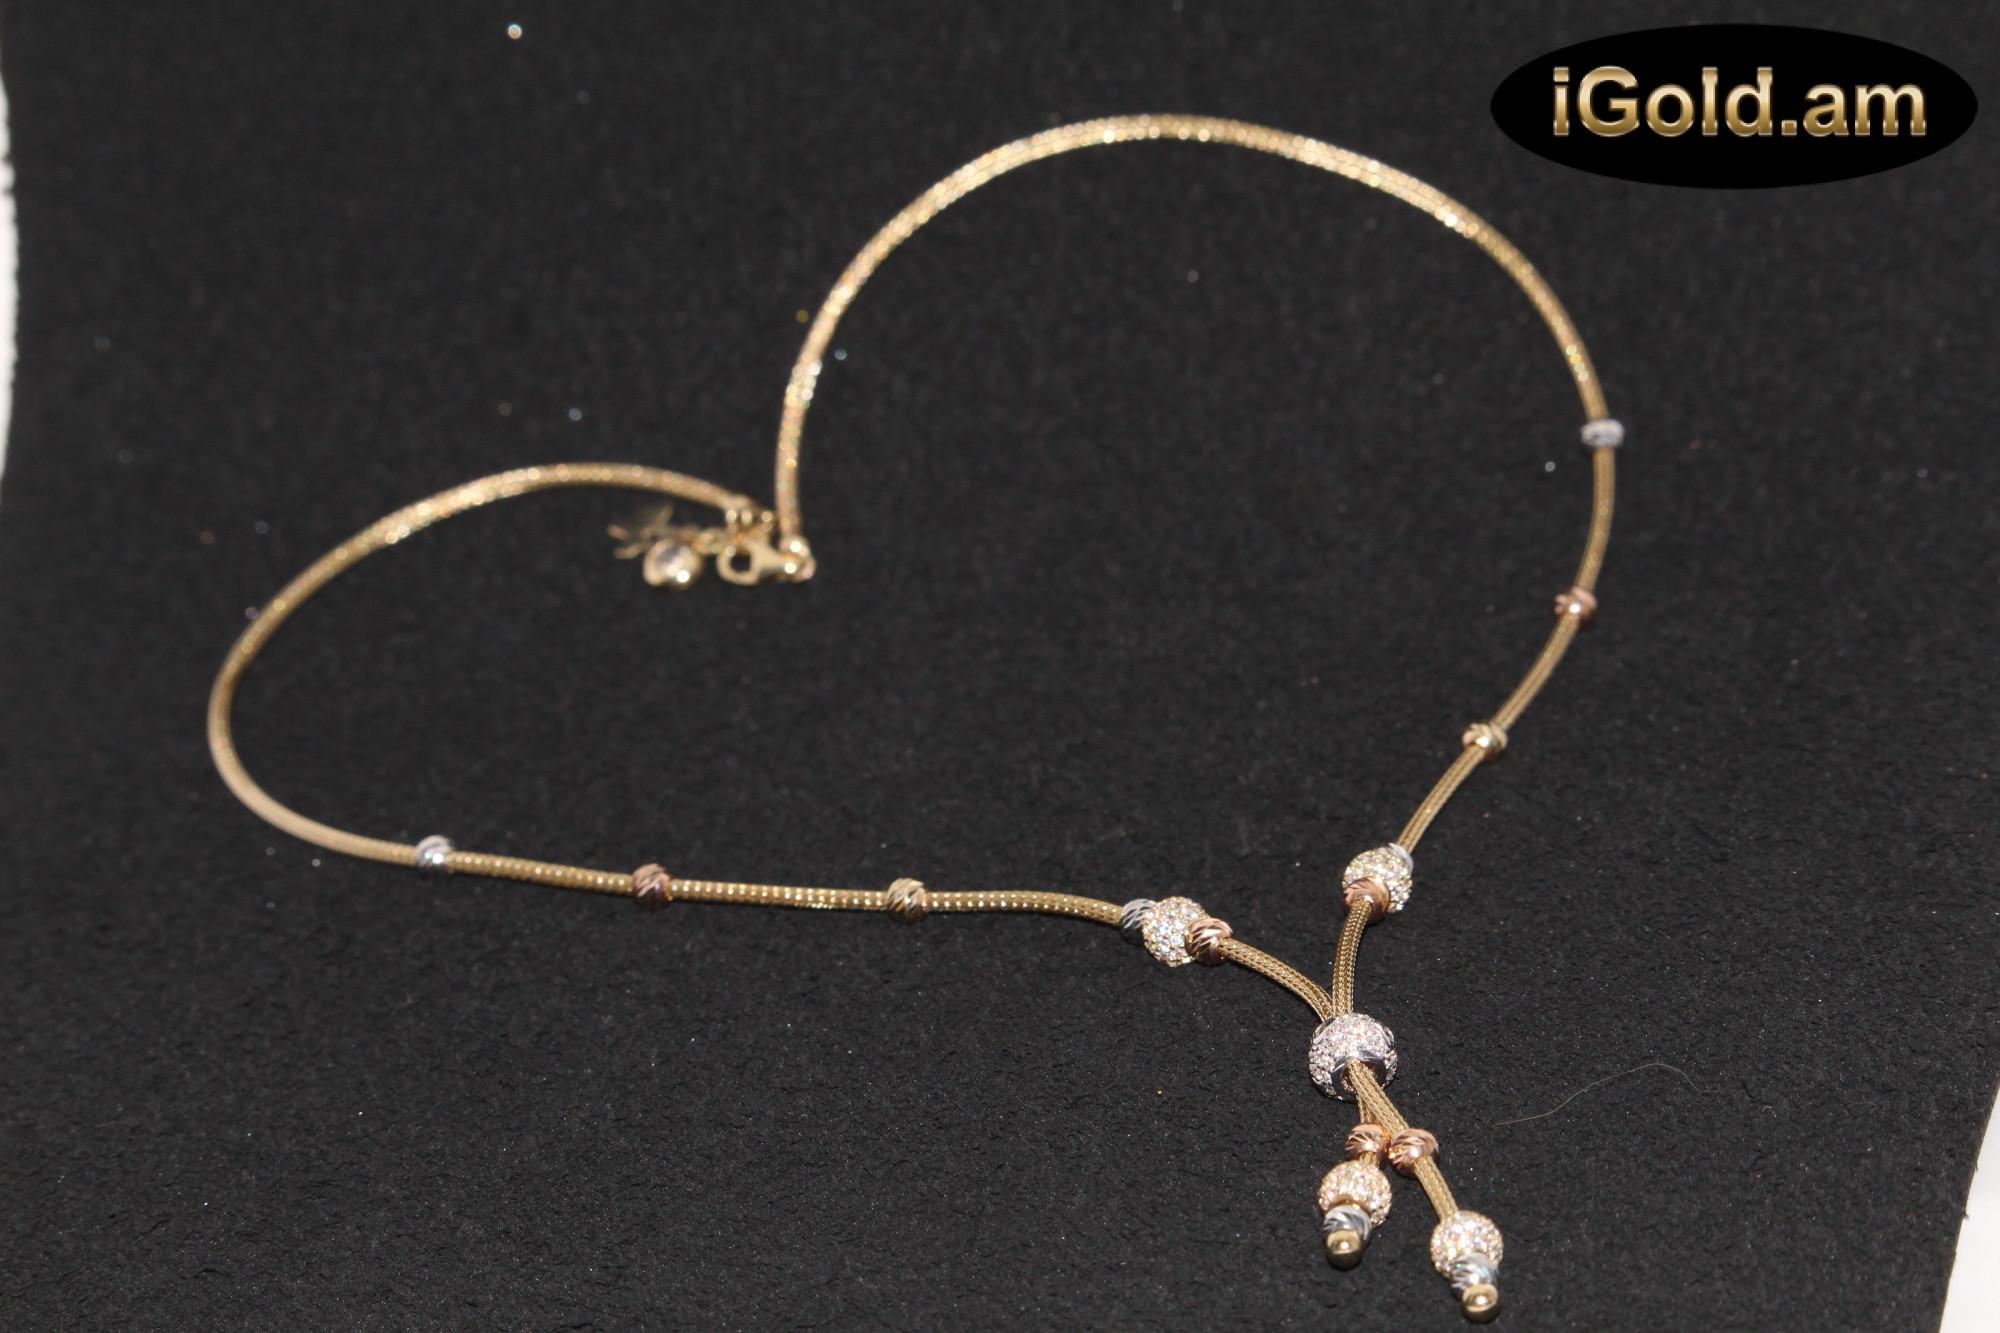 Ոսկյա կանացի շղթա - 11.5 գր - կոդ 114-138 voskya kanaci shxta - 11.5 gr